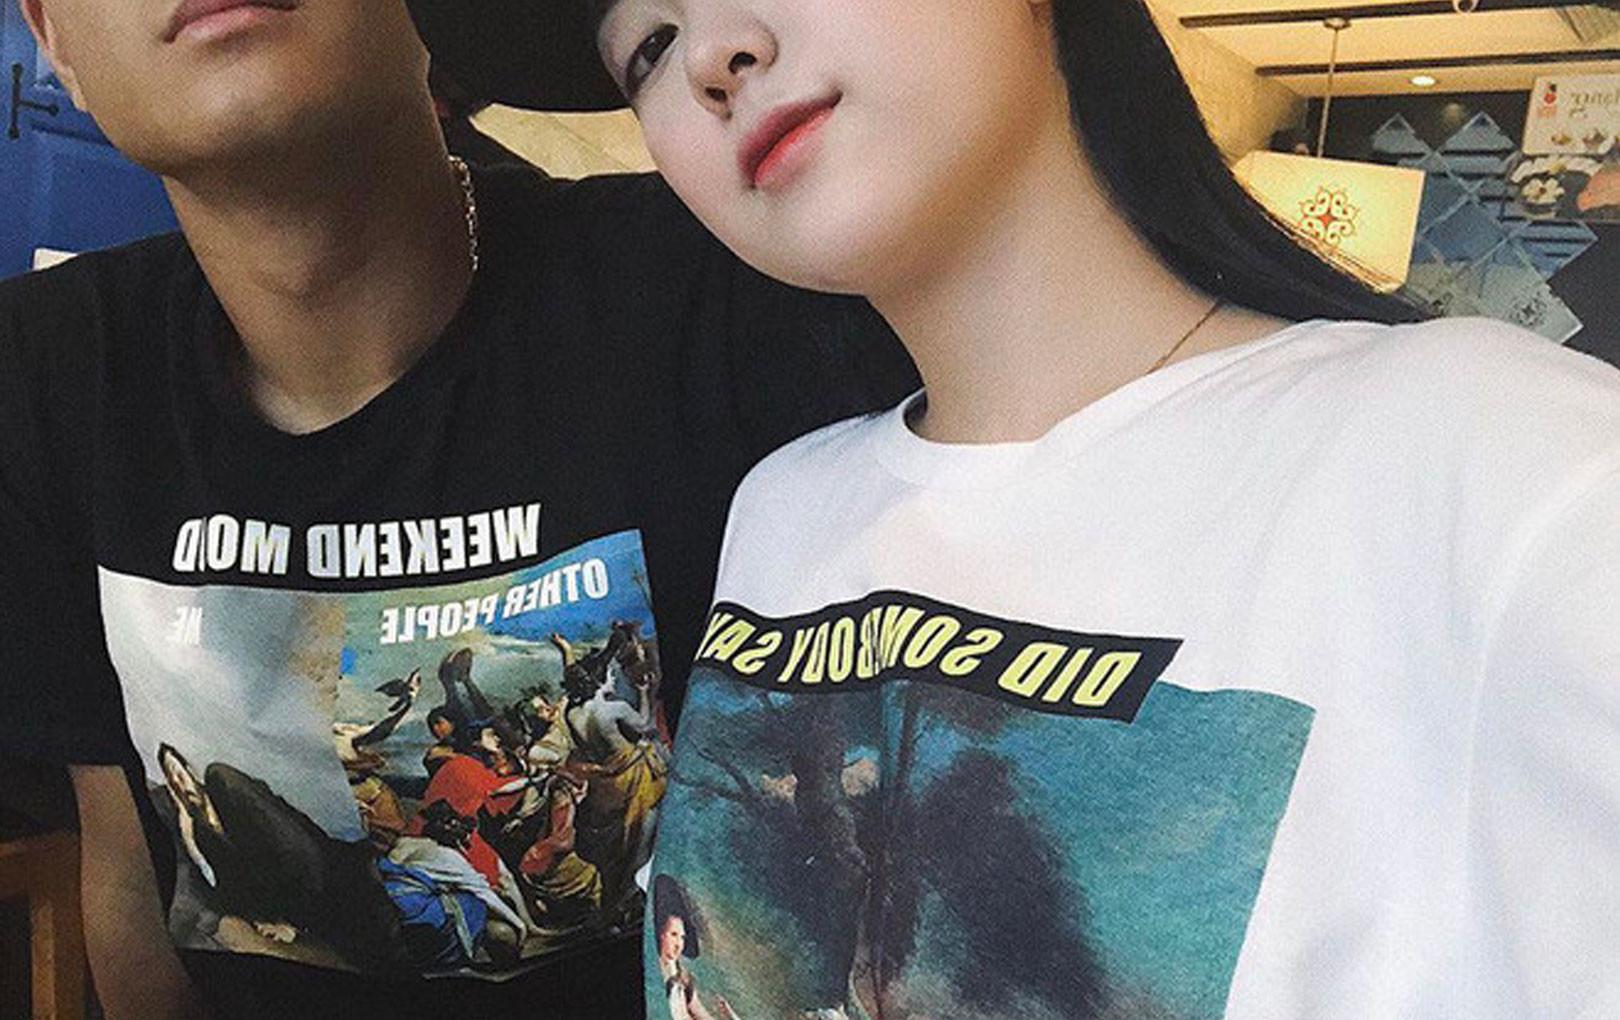 Hà Đức Chinh công khai bạn gái: Mặt xinh, body nóng bỏng chẳng kém gì hotgirl đình đám